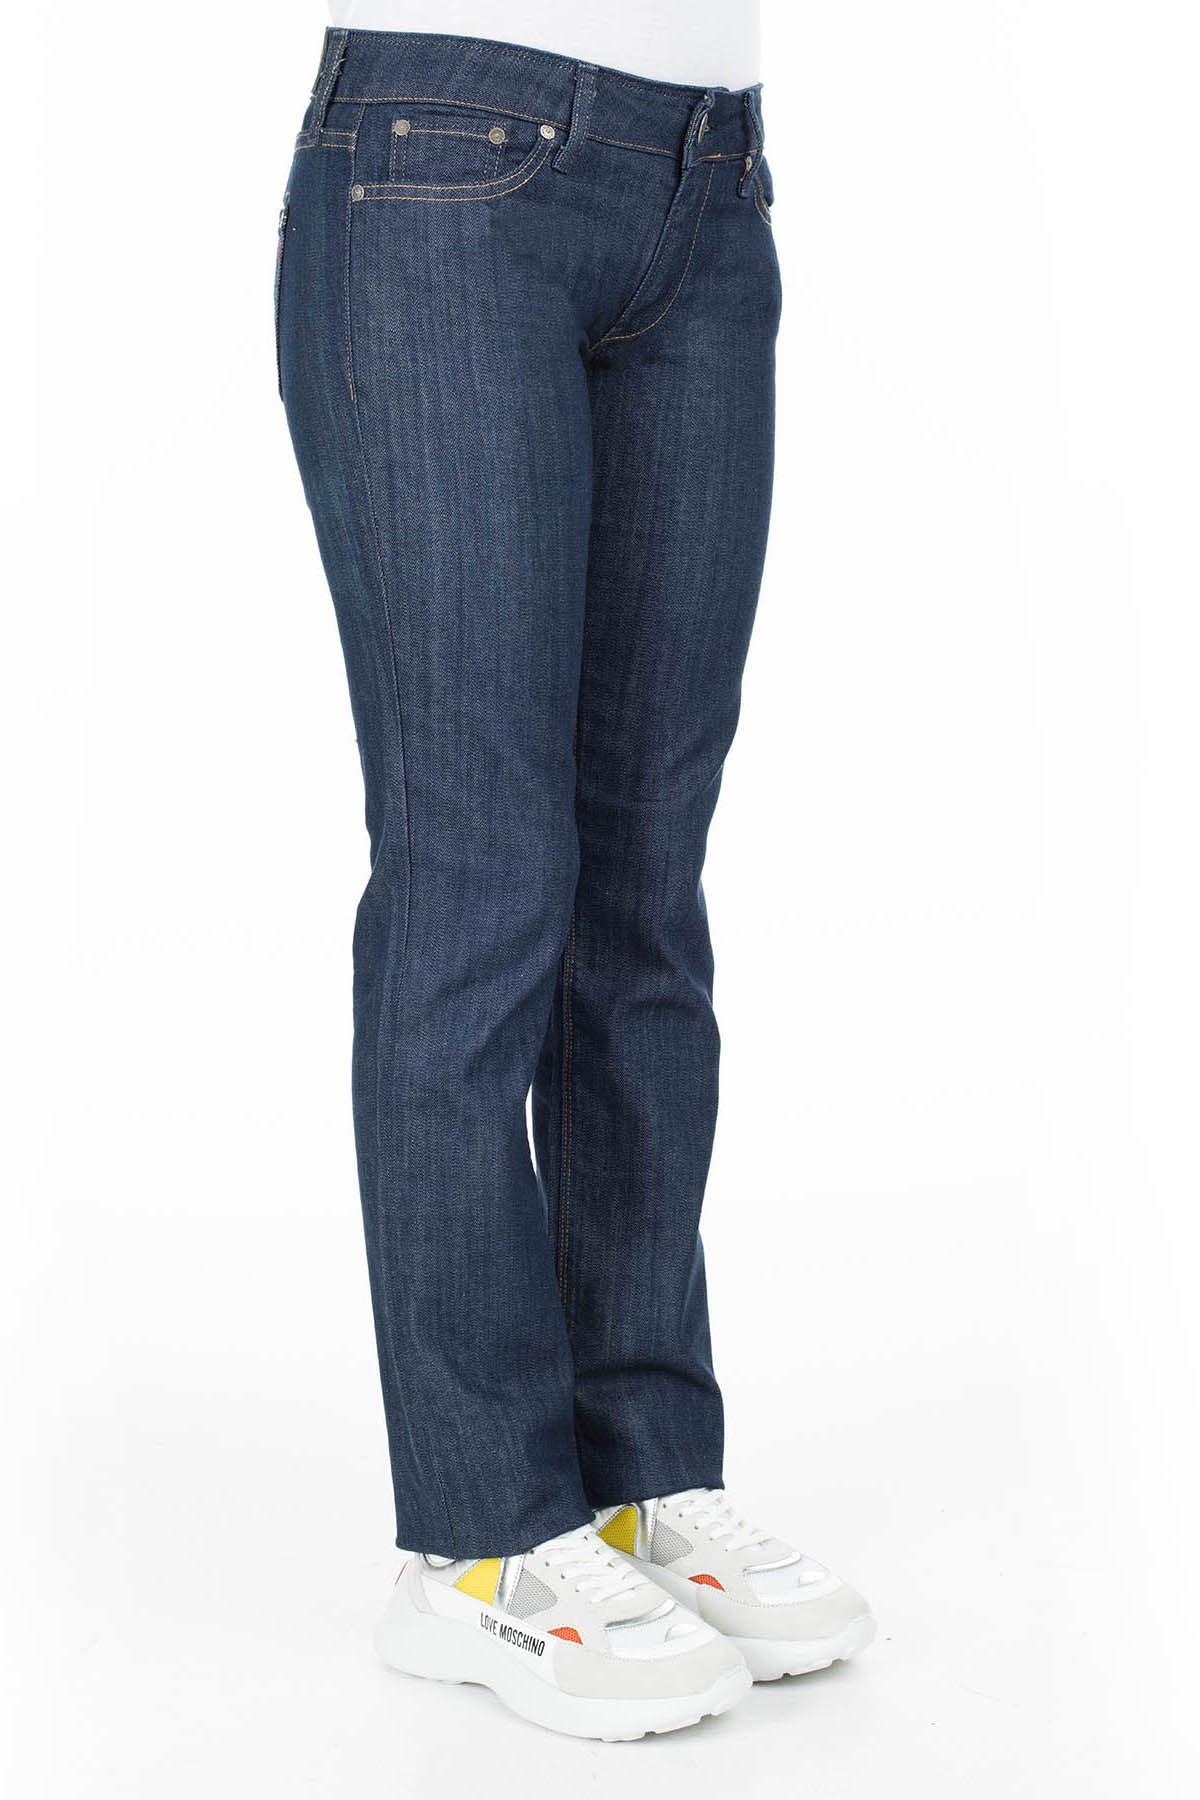 Replay Jeans Bayan Kot Pantolon ZOXWV591 LACİVERT